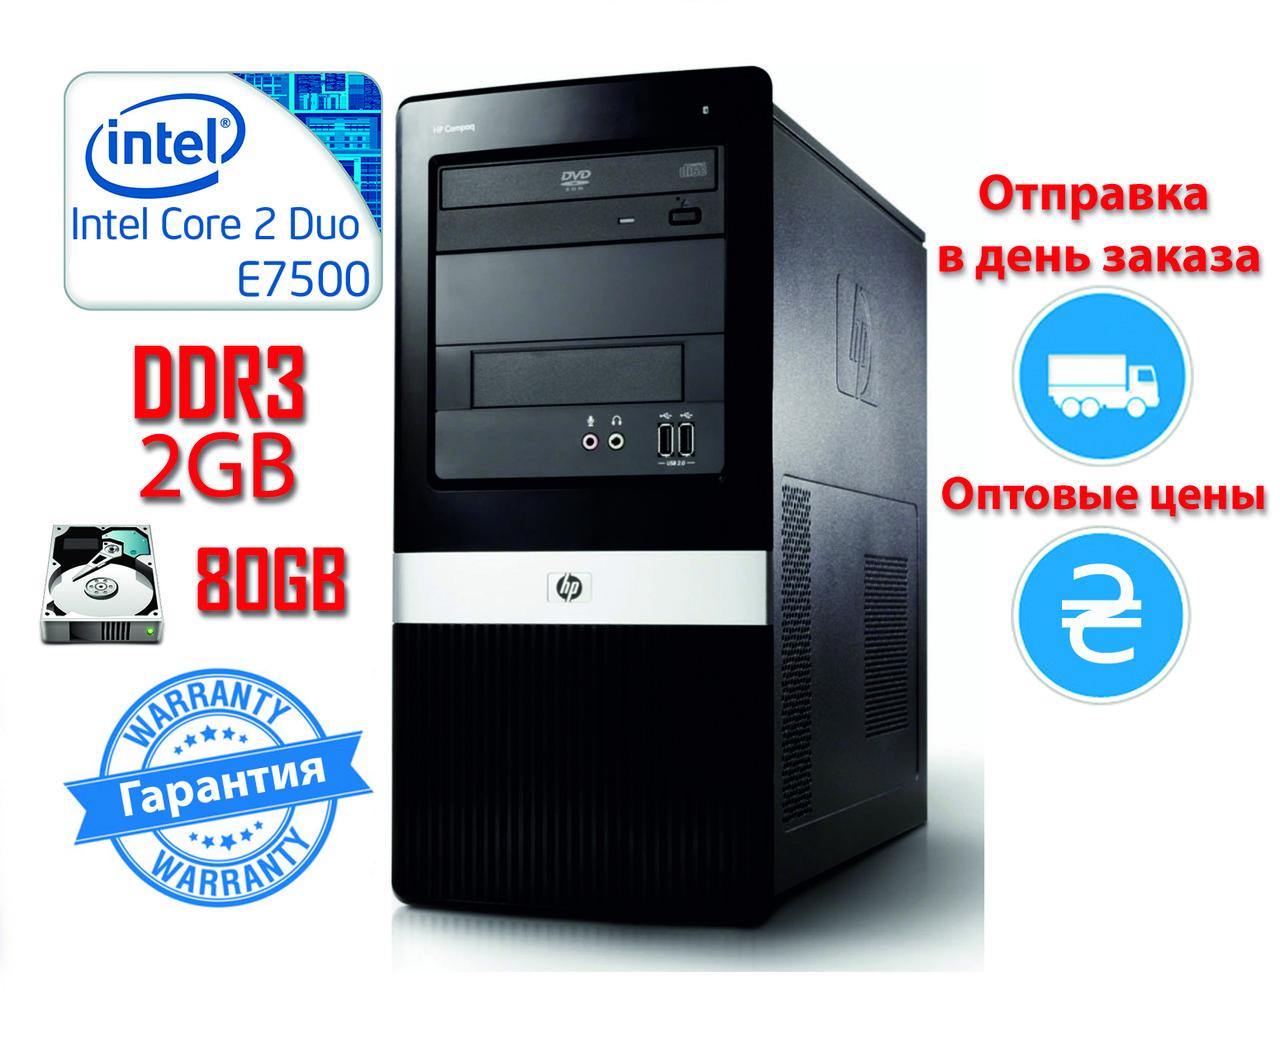 Системный блок HP 2 ядра 2.93GHz/2Gb-DDR3/HDD-80Gb